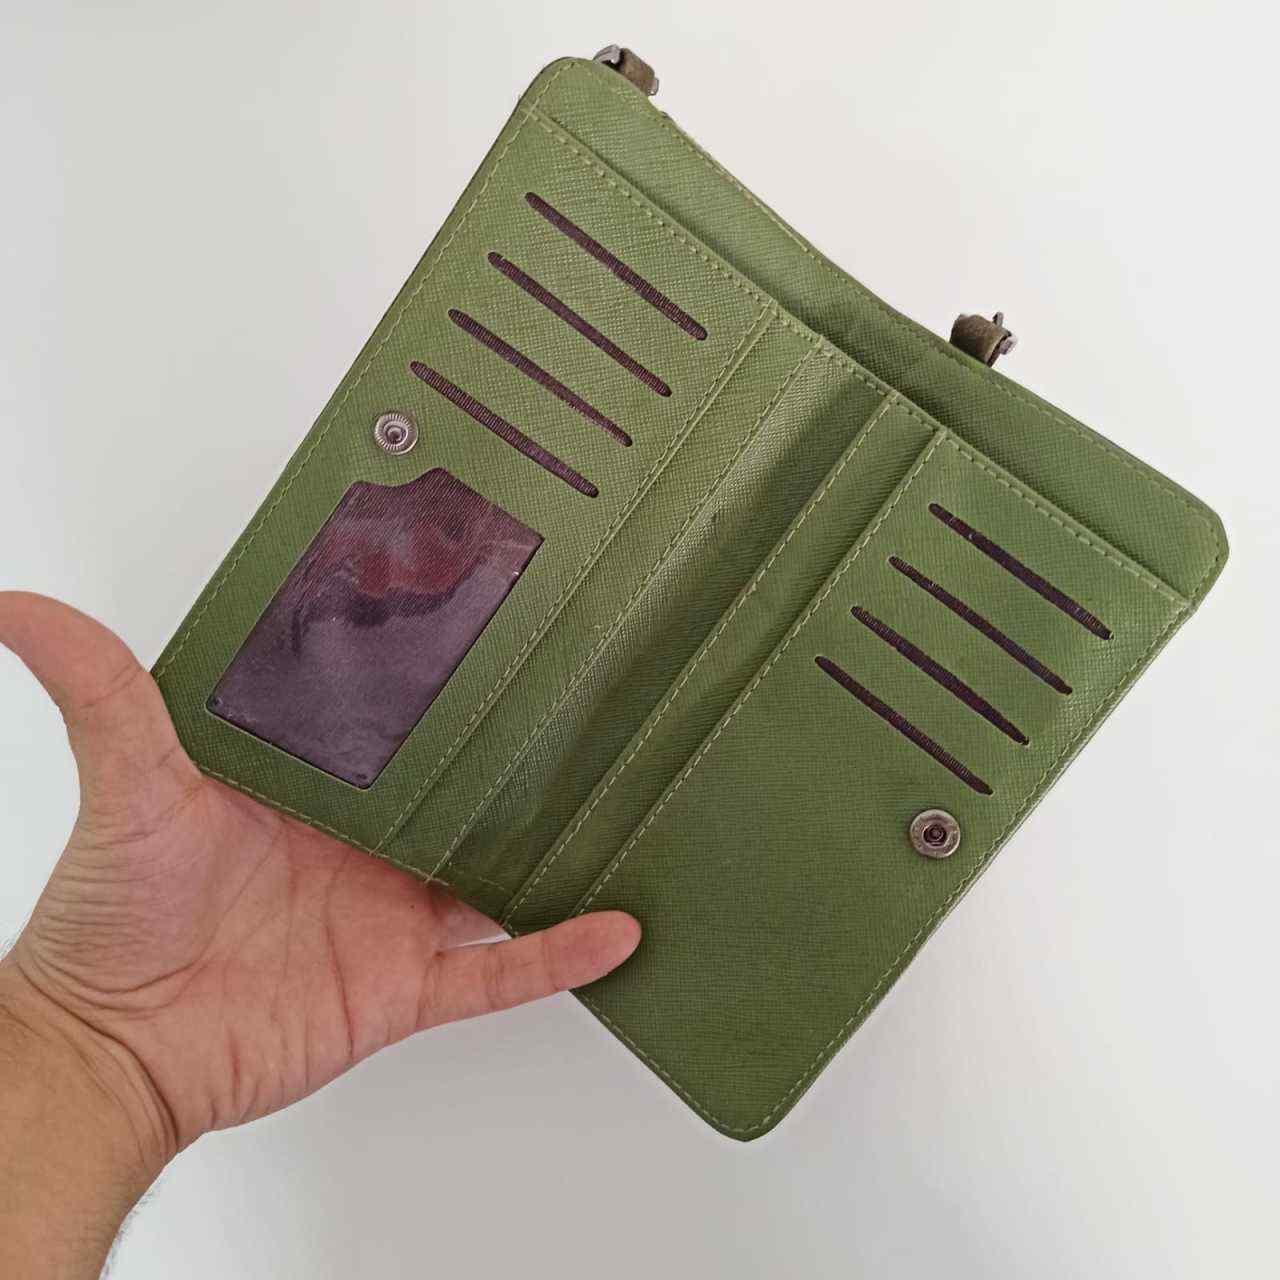 Yeşil Kapaklı Telefon Bölmeli Polo Kadın Cüzdanı